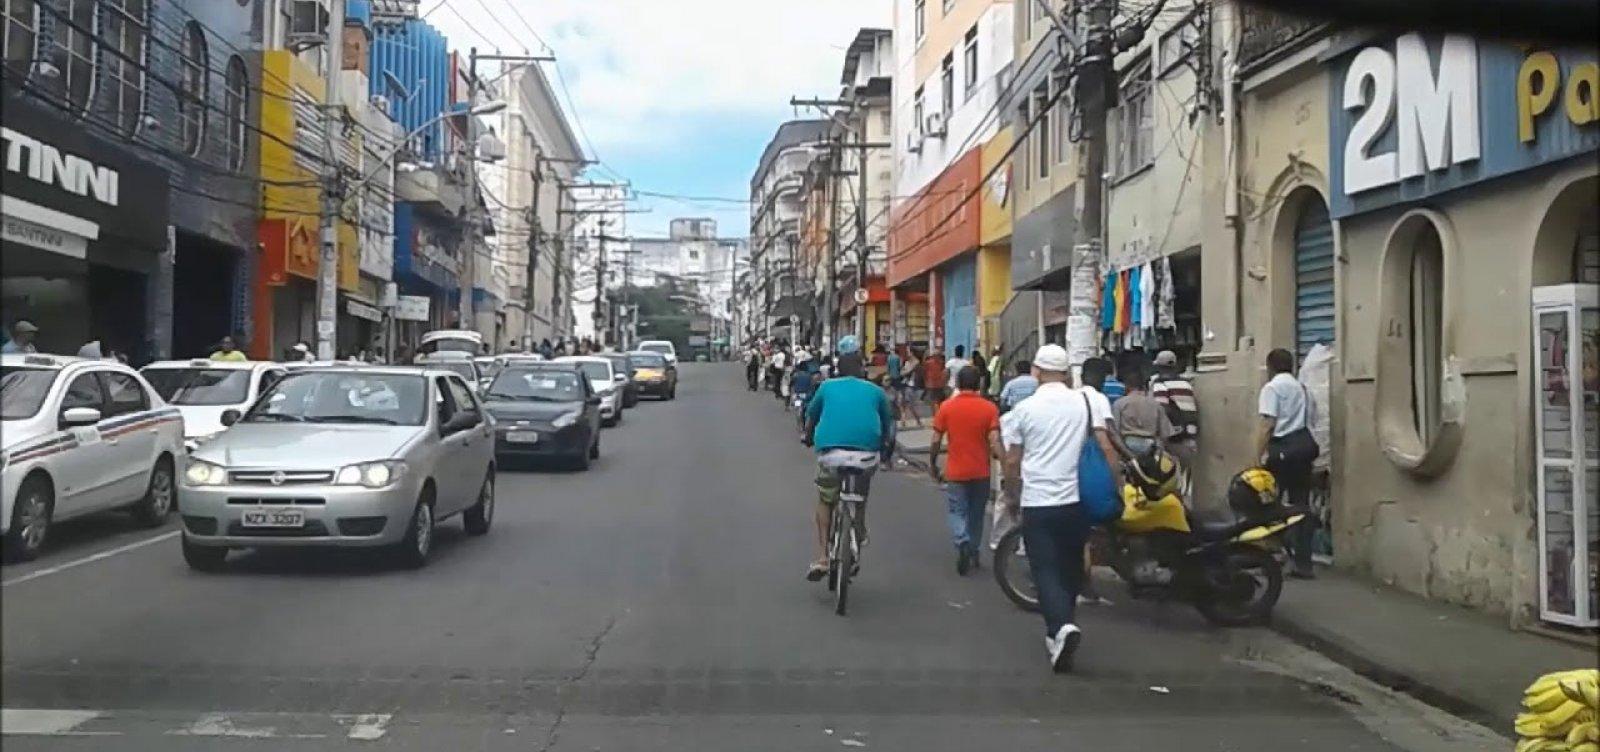 Prefeito de Salvador anuncia restrições mais duras na Boca do Rio, Plataforma e Avenida Joana Angélica